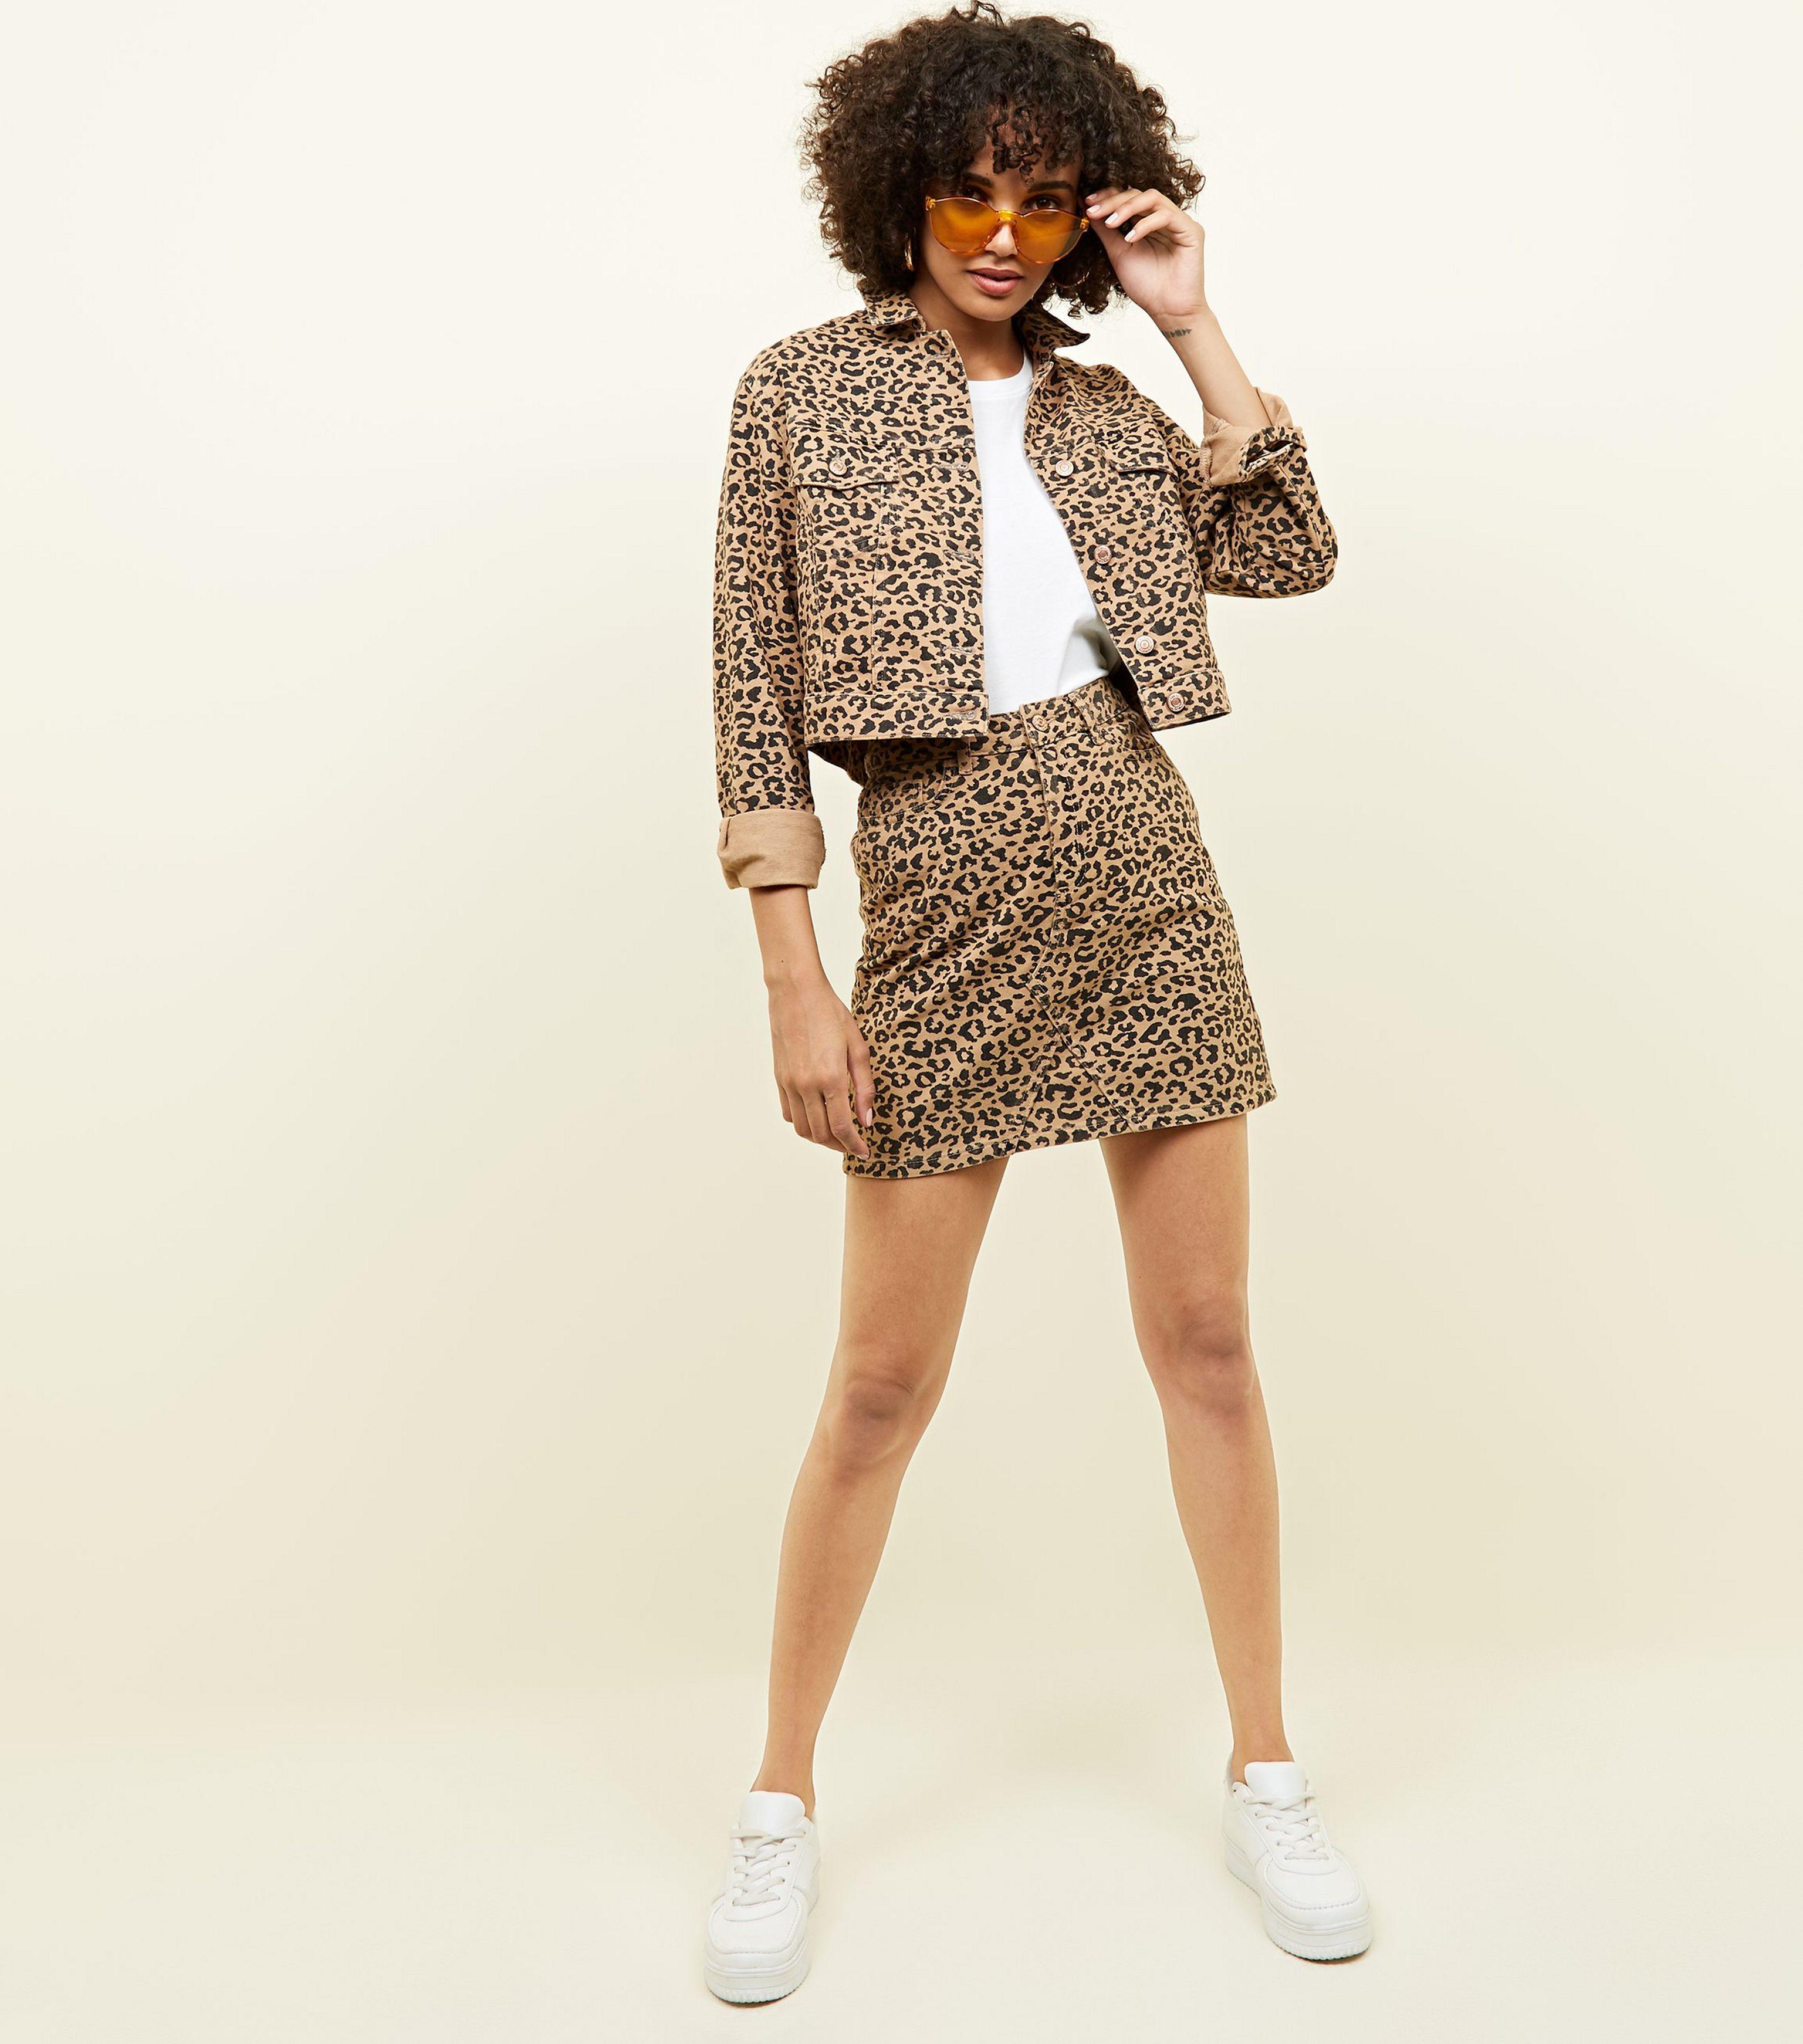 b07525a349 New Look Tan Leopard Print Denim Mini Skirt in Brown - Lyst